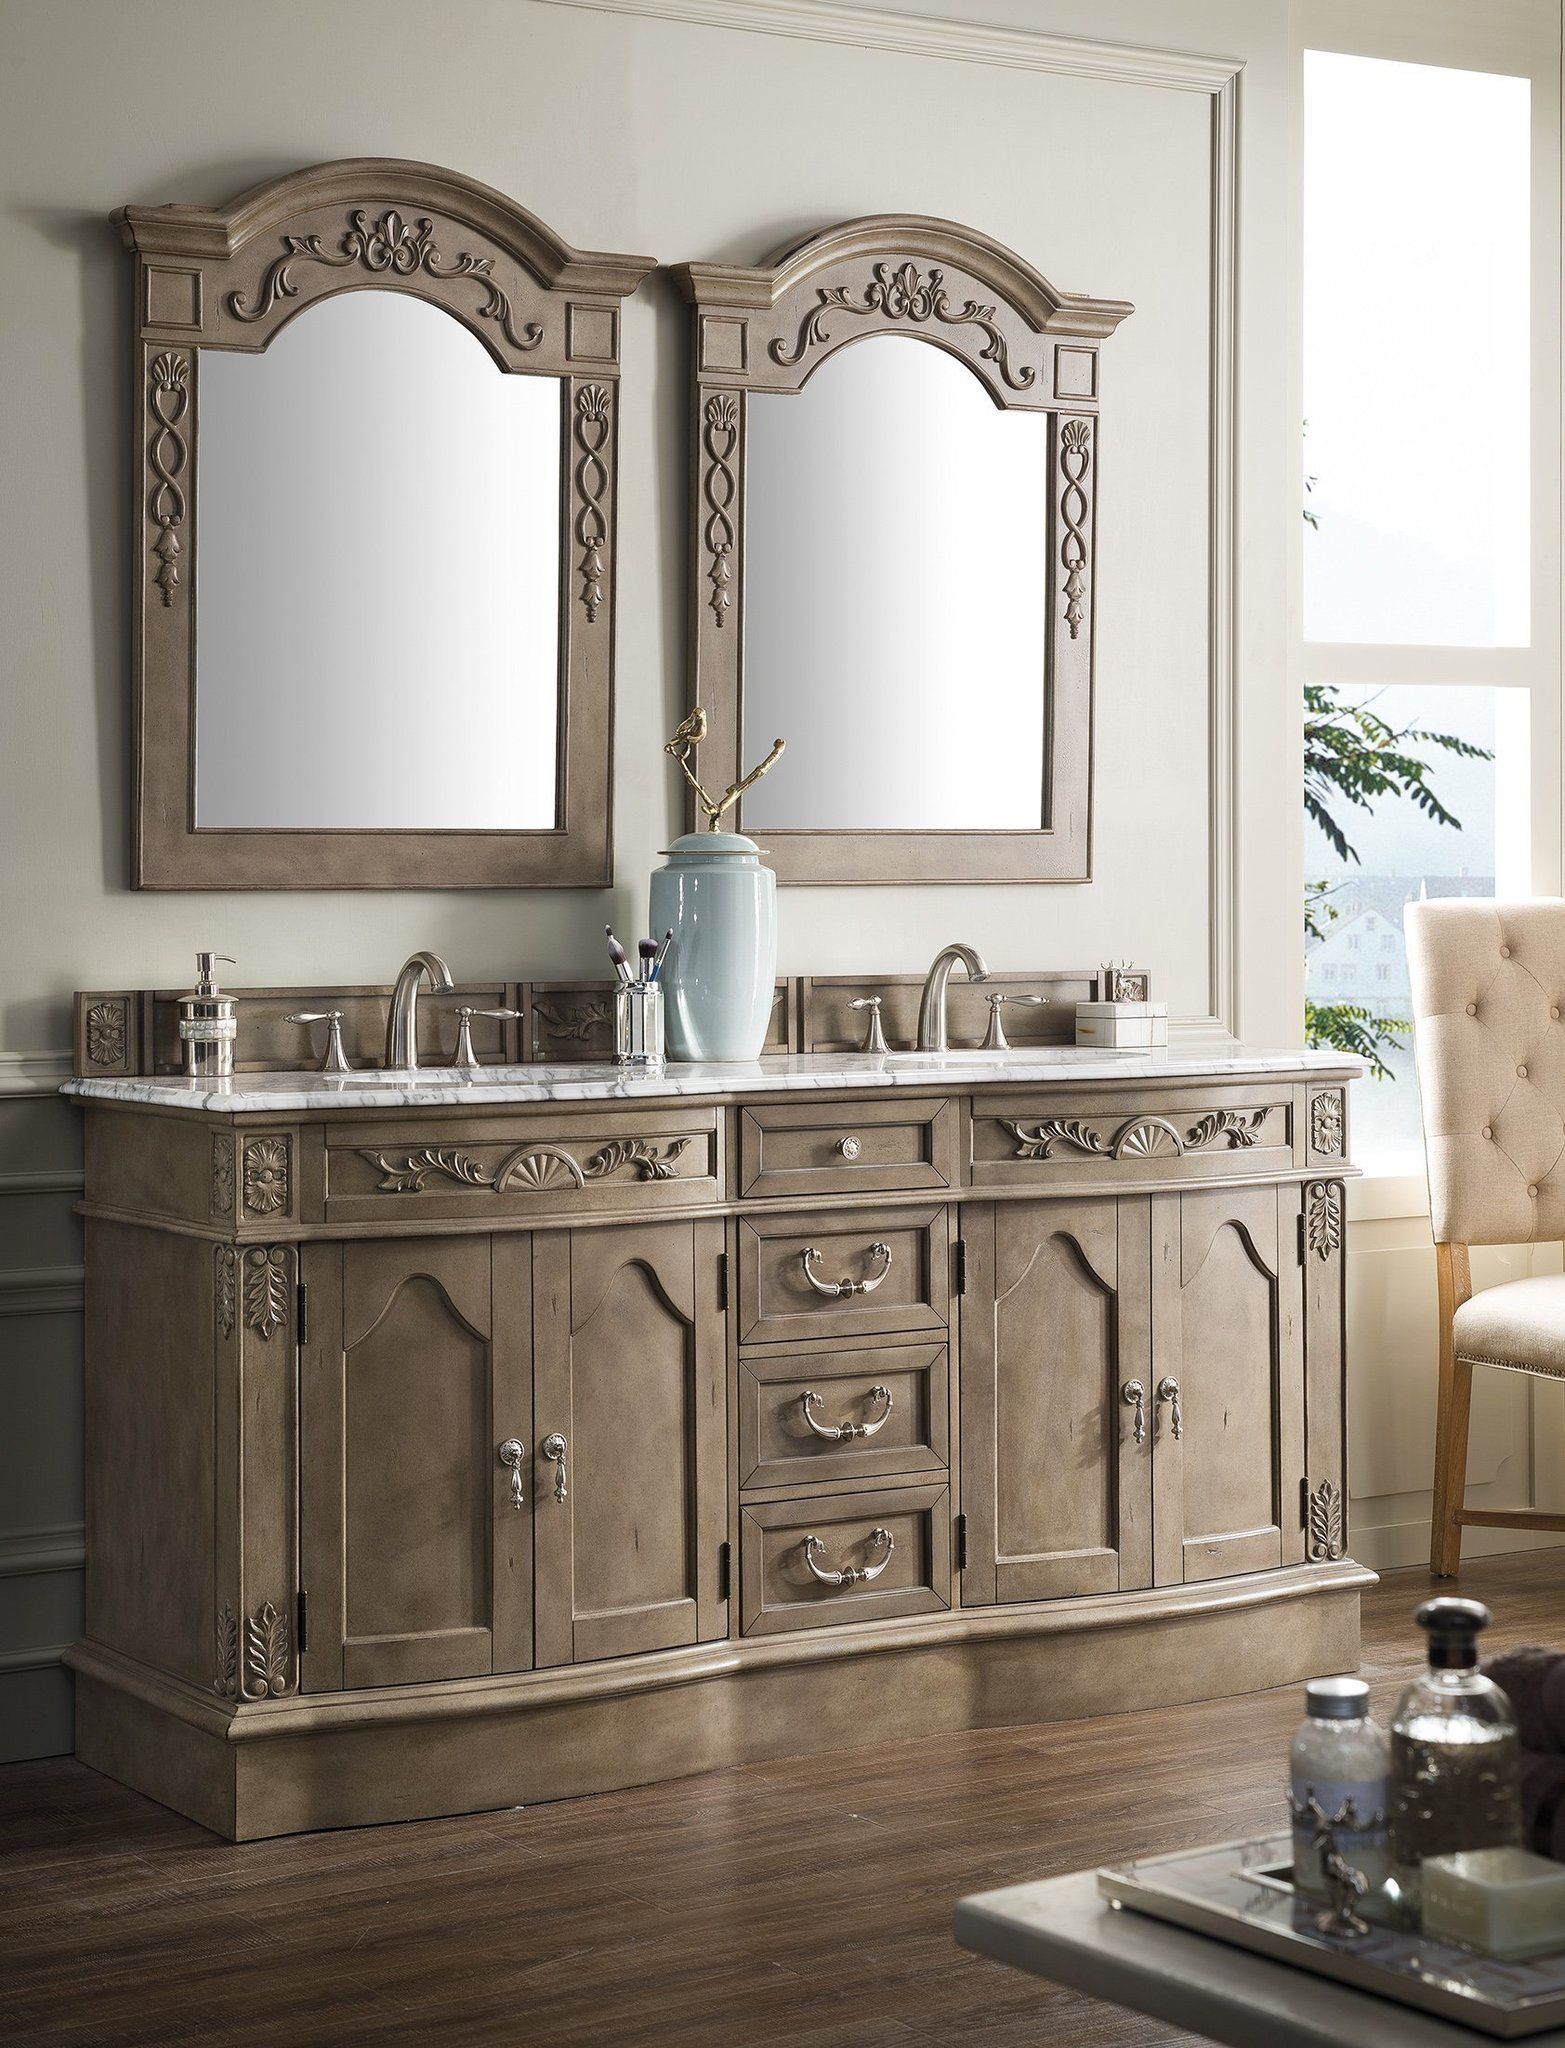 Amalfi Classico 72 Double Bathroom Vanity Double Bathroom Vanity James Martin Vanity Inter Unique Bathroom Vanity Bathroom Vanity French Country Bathroom